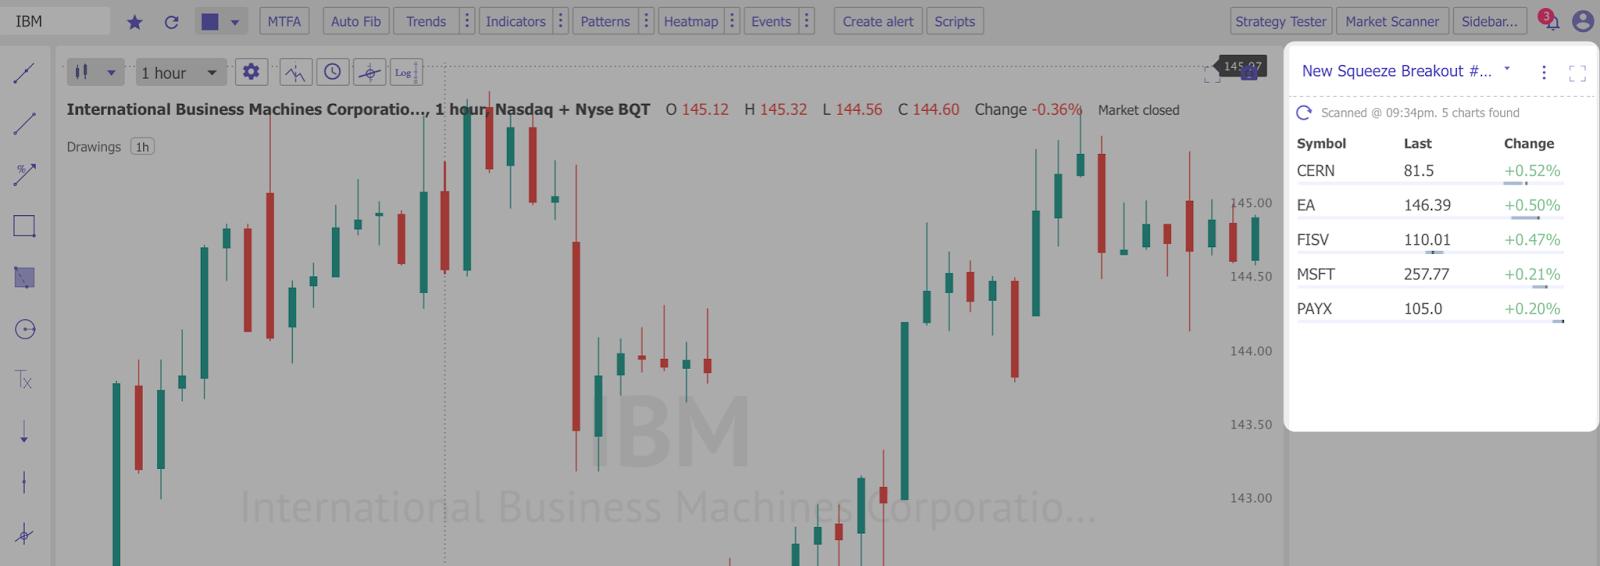 best stock screener platform